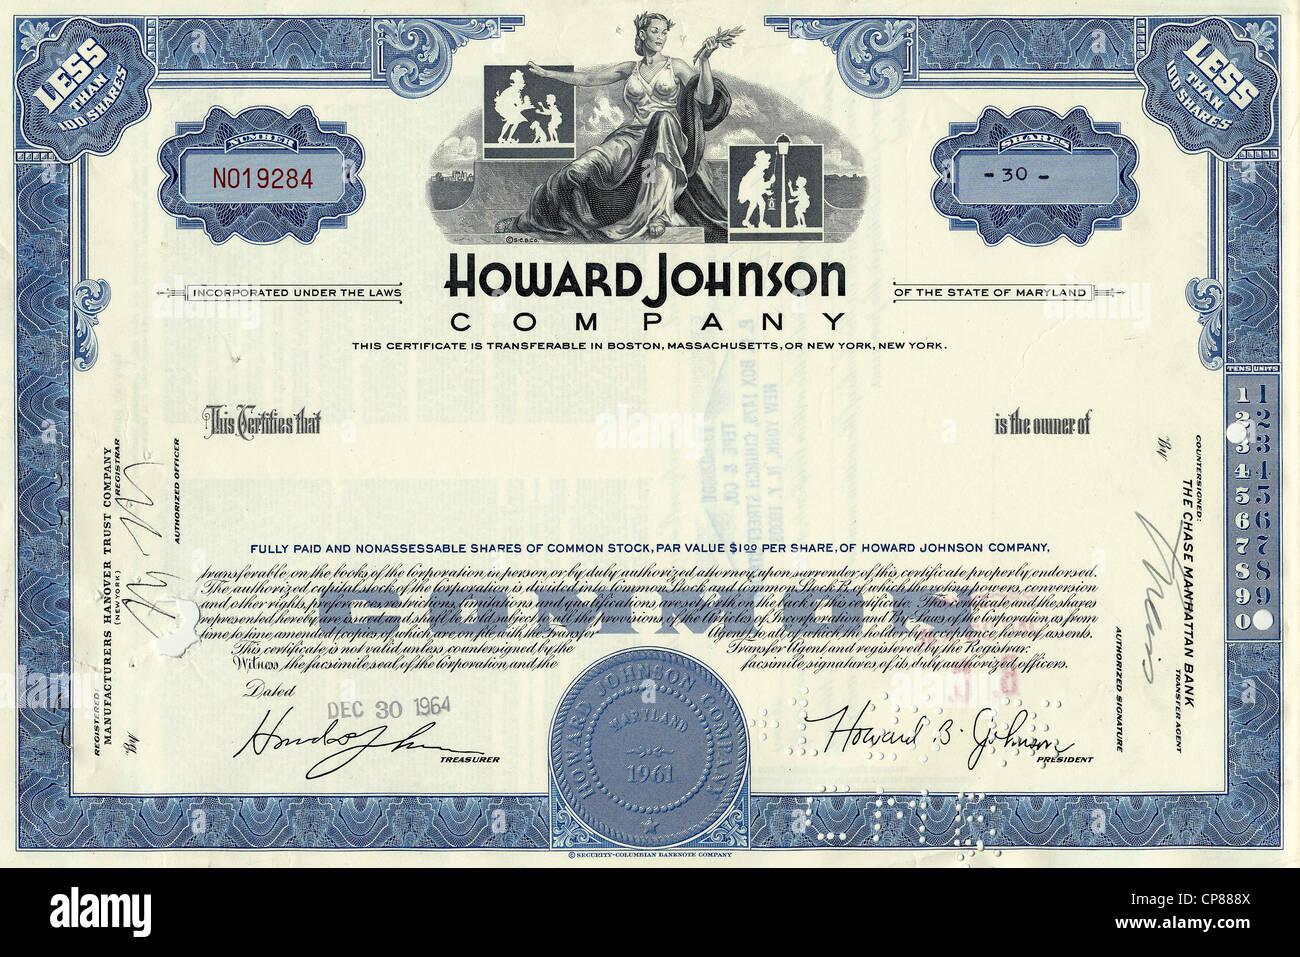 Storico certificato azionario, ristorante e catena alberghiera, Howard Johnson Company, 1964, Maryland, Stati Uniti Immagini Stock